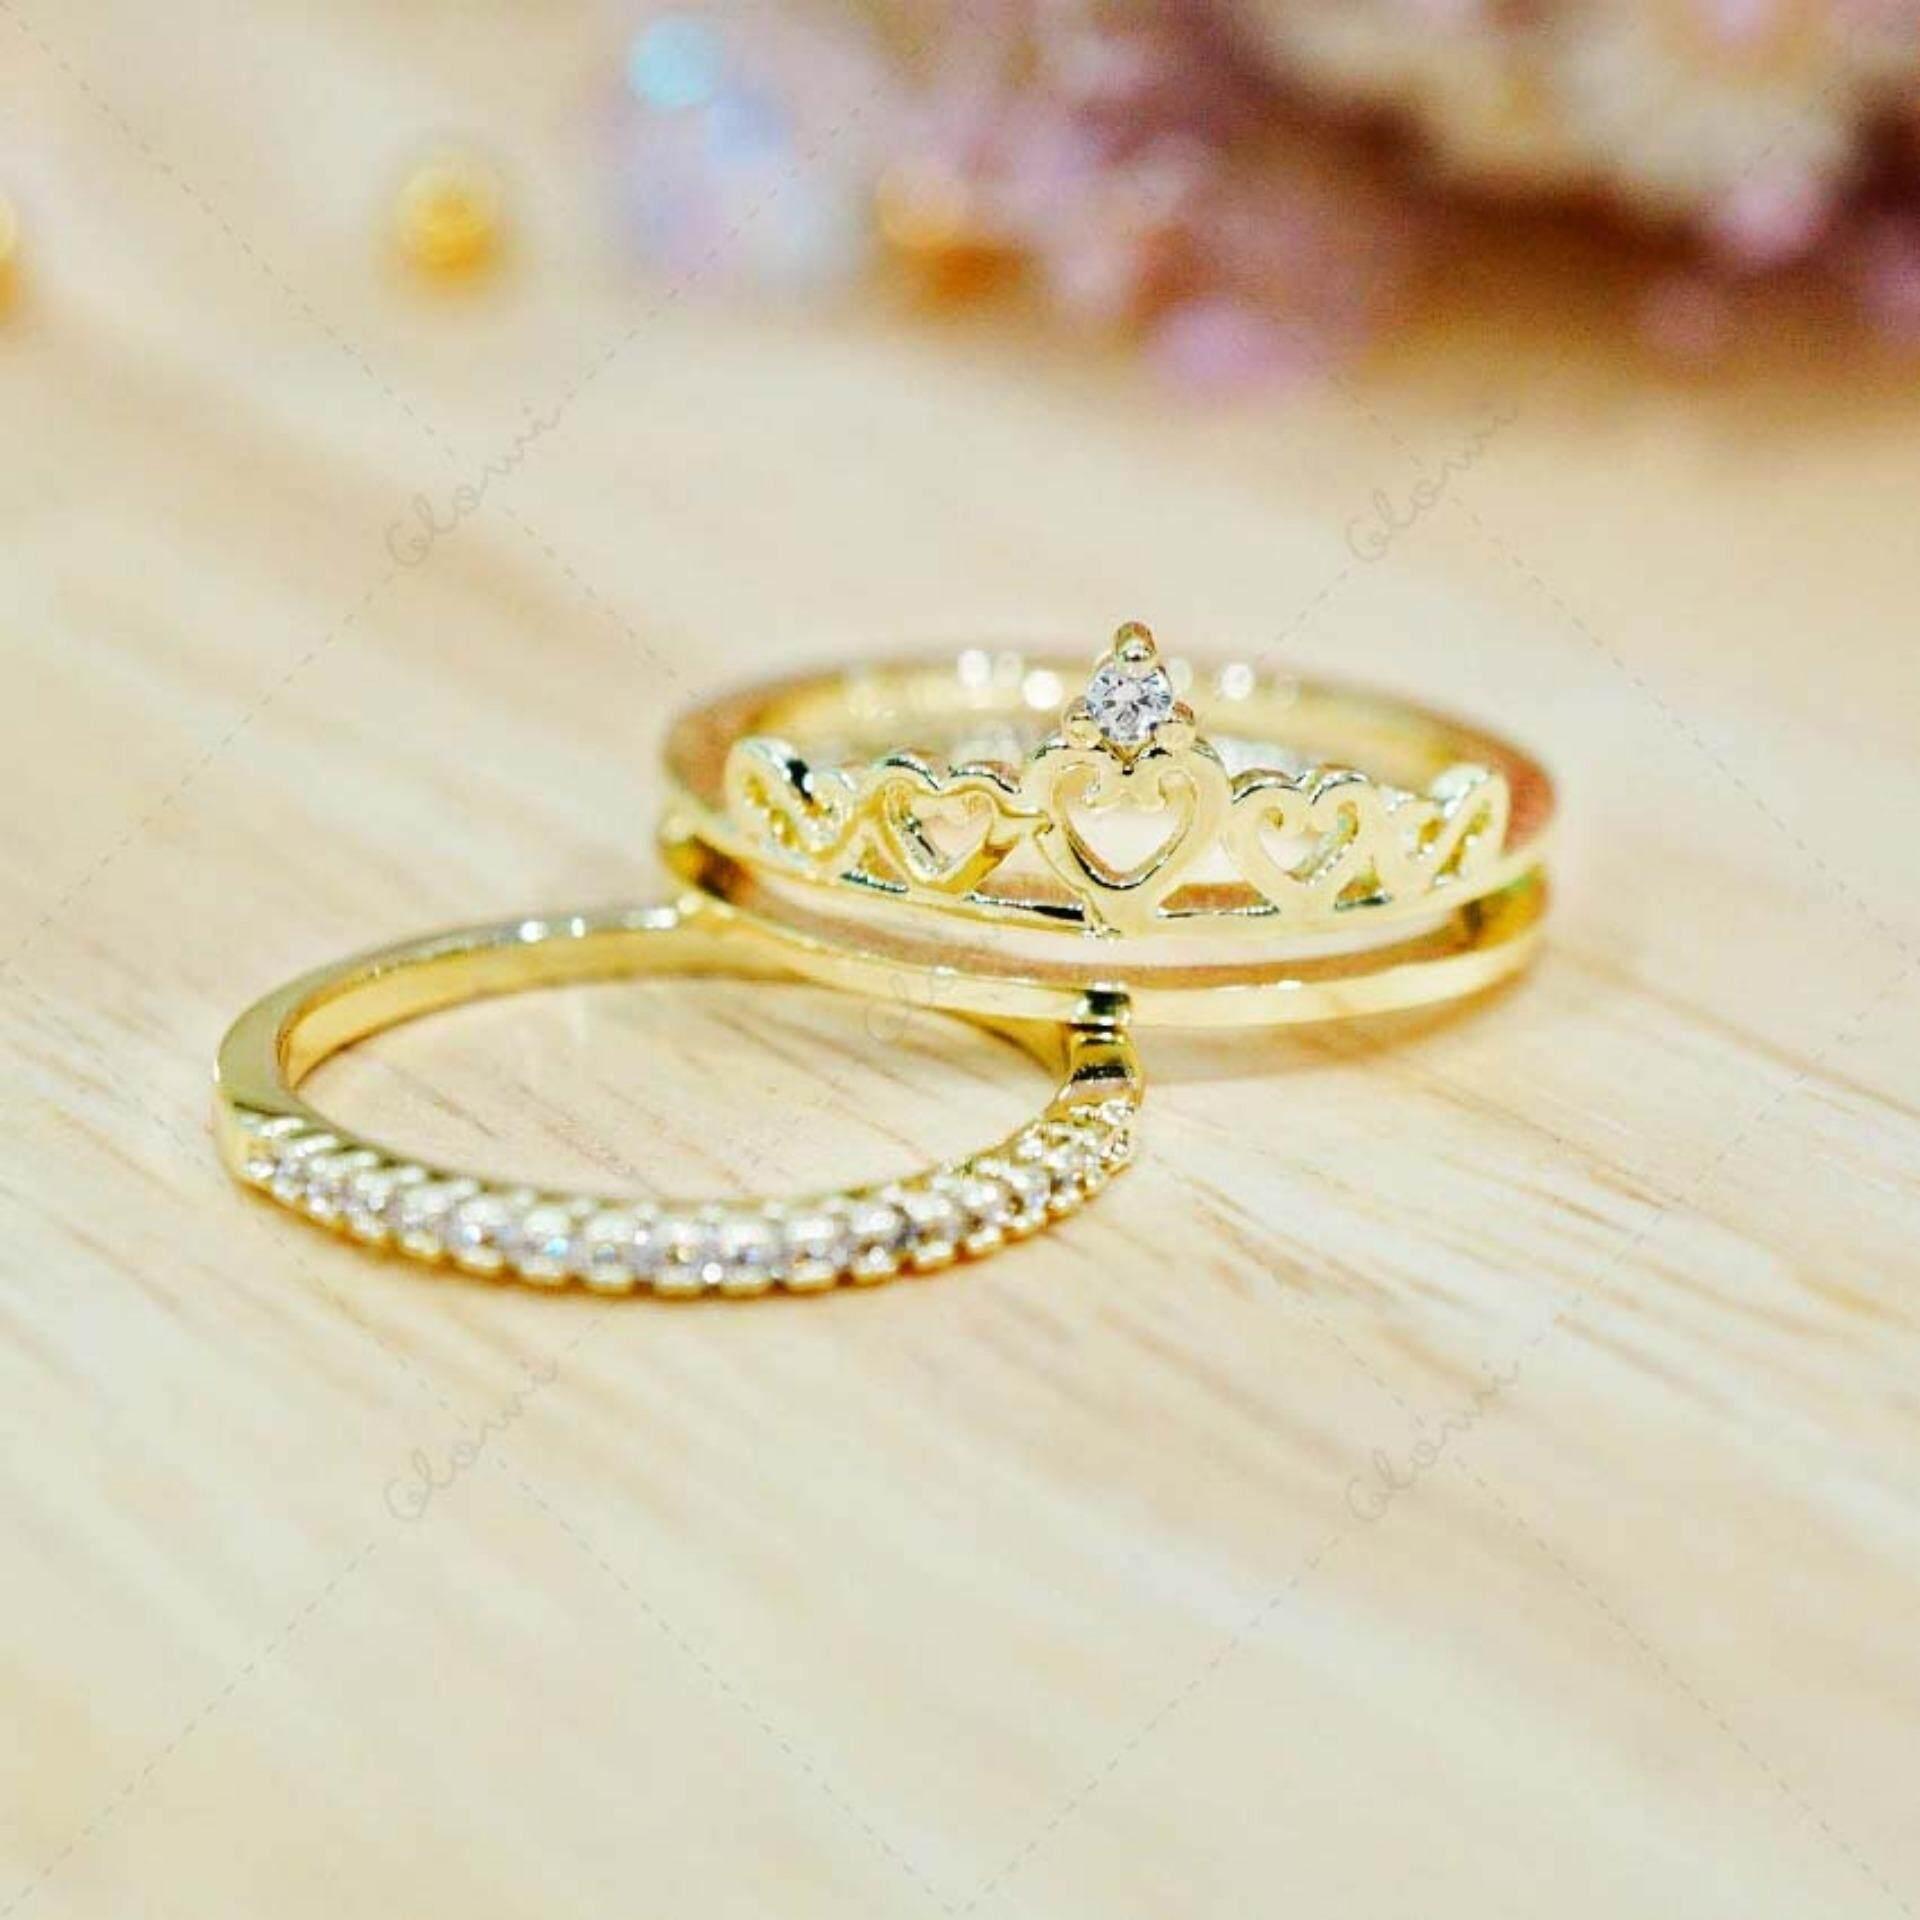 ขาย ซื้อ Bewi G แหวนผู้หญิง สไตล์ แหวนเพชร Ring ชุบทอง ประดับเพชร Cz ดีไซน์ลวดลาย มงกุฏ Princess Style 2 วงใน 1 เดียว รุ่น Bg R0021 สีทอง Gold